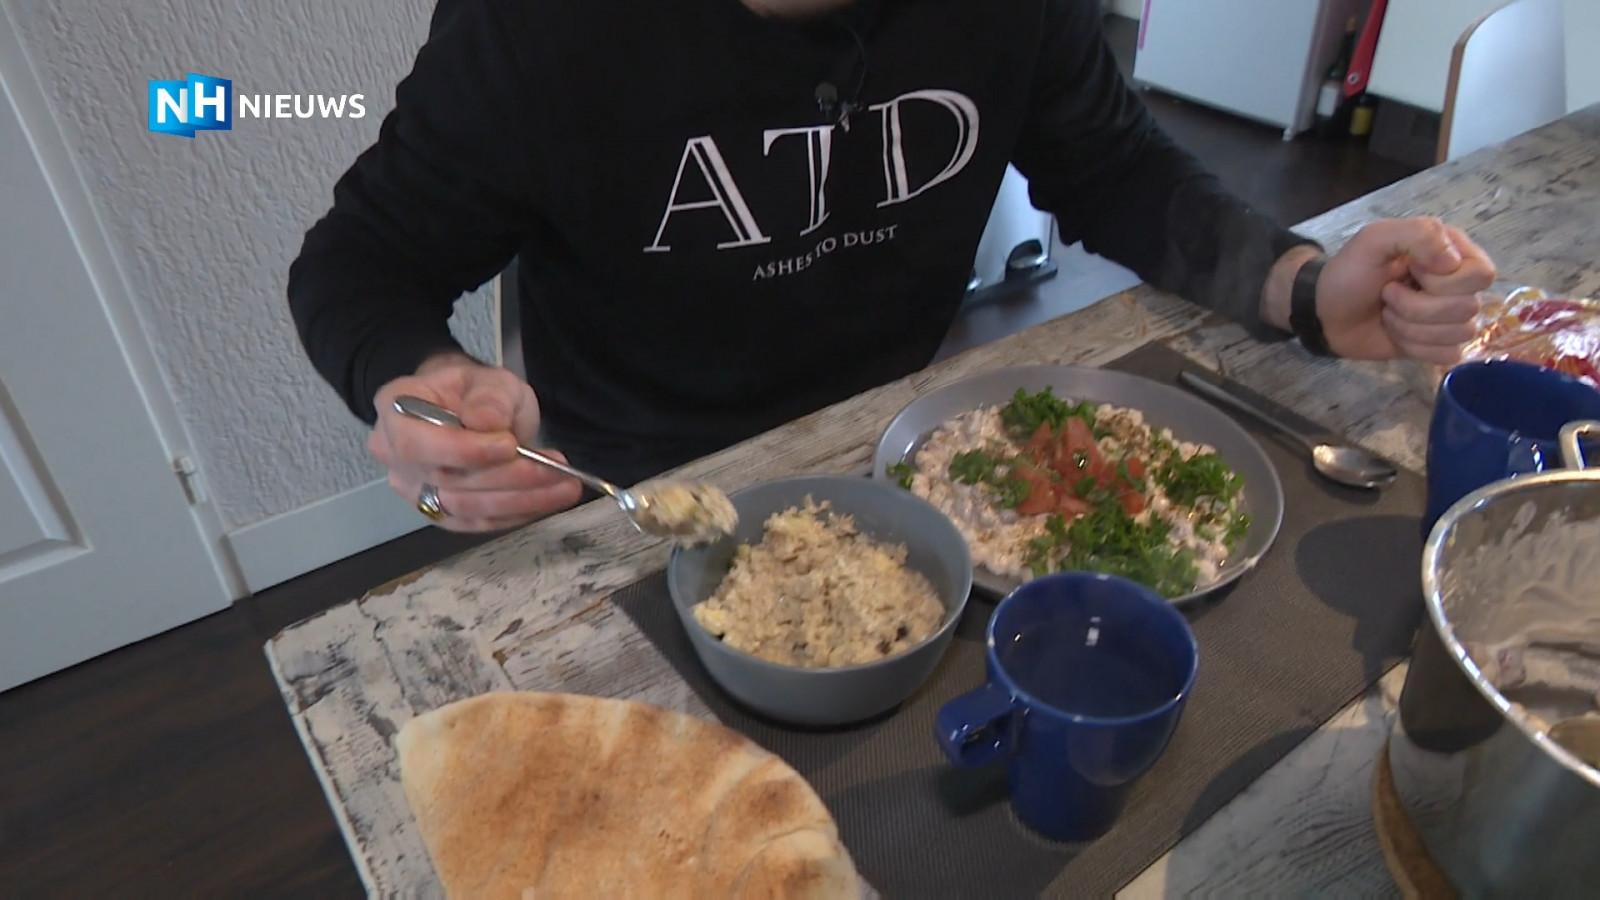 Kijkje In De Keuken Hollandse Jouri En Syrische Mohammad Wisselen Van Ontbijt Nh Nieuws